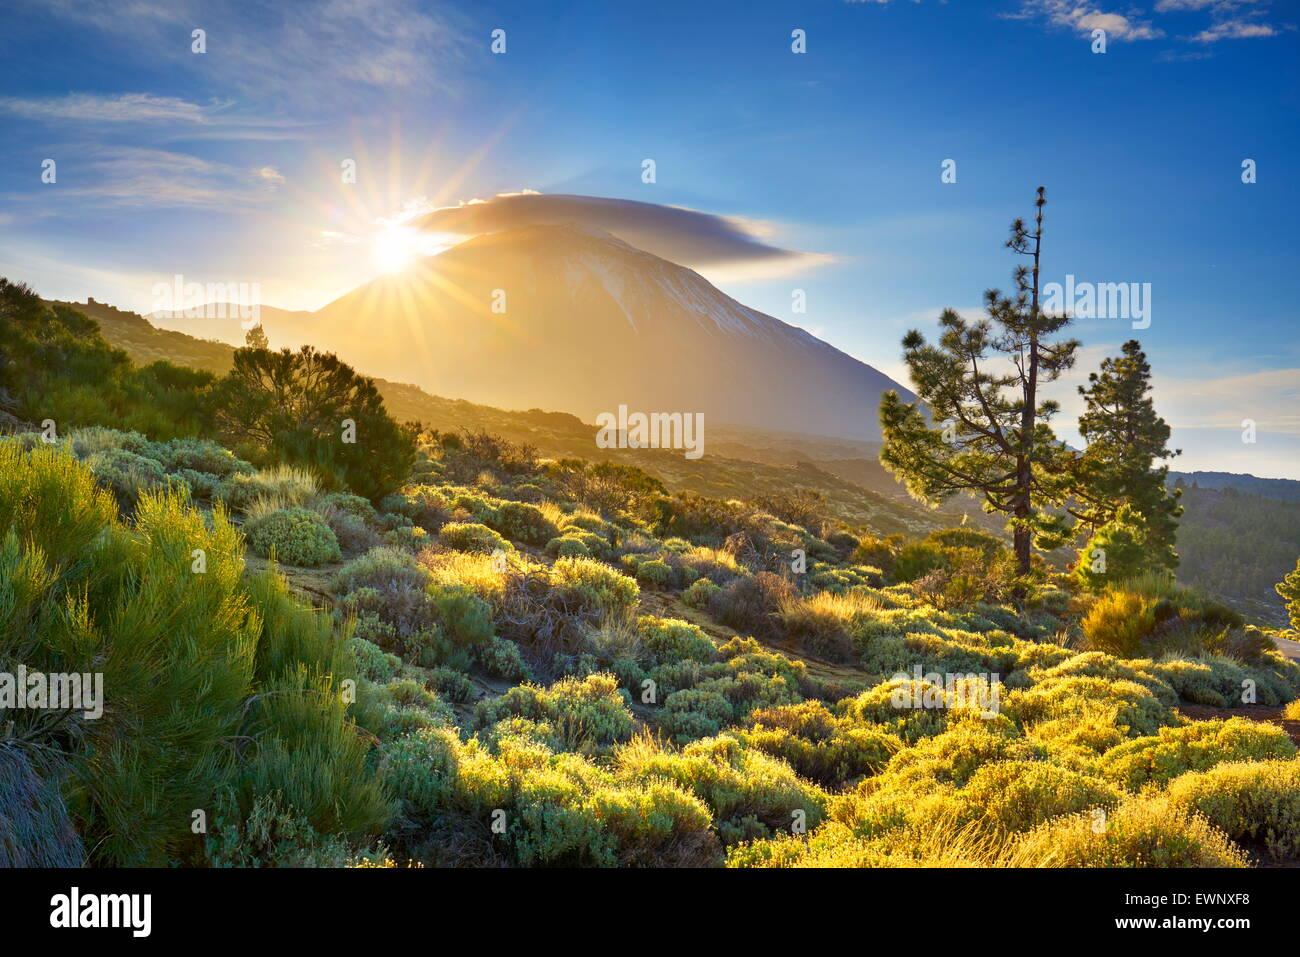 Al atardecer, el Parque Nacional del Teide, Tenerife, Islas Canarias, España Imagen De Stock